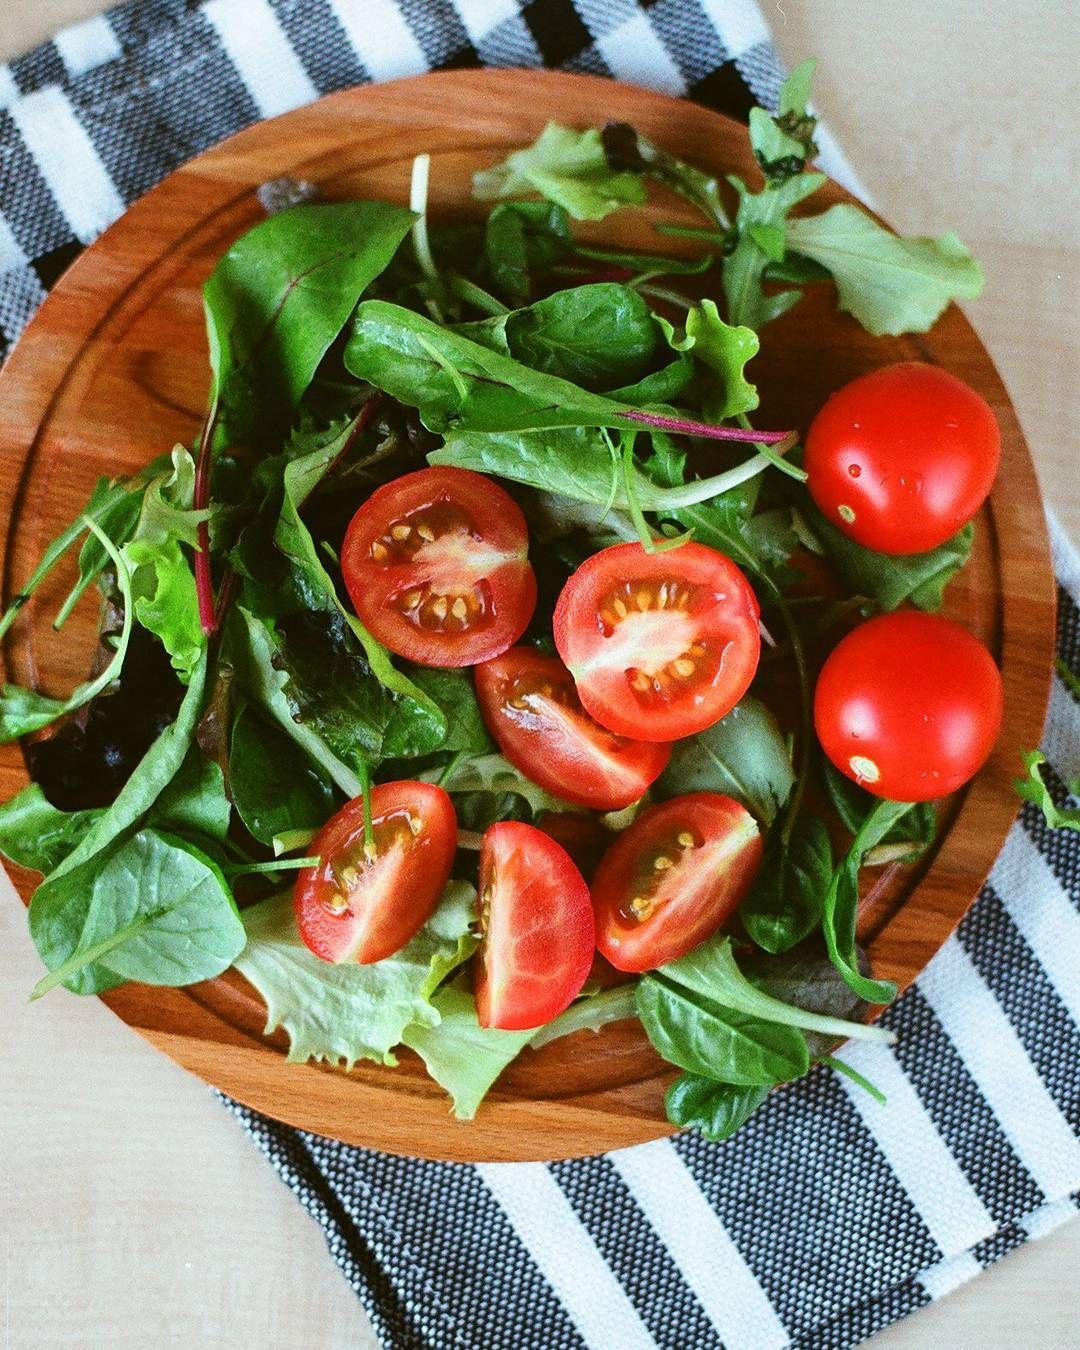 помидоры,красивое фото еды, фото еды инстаграмм, зелень ...